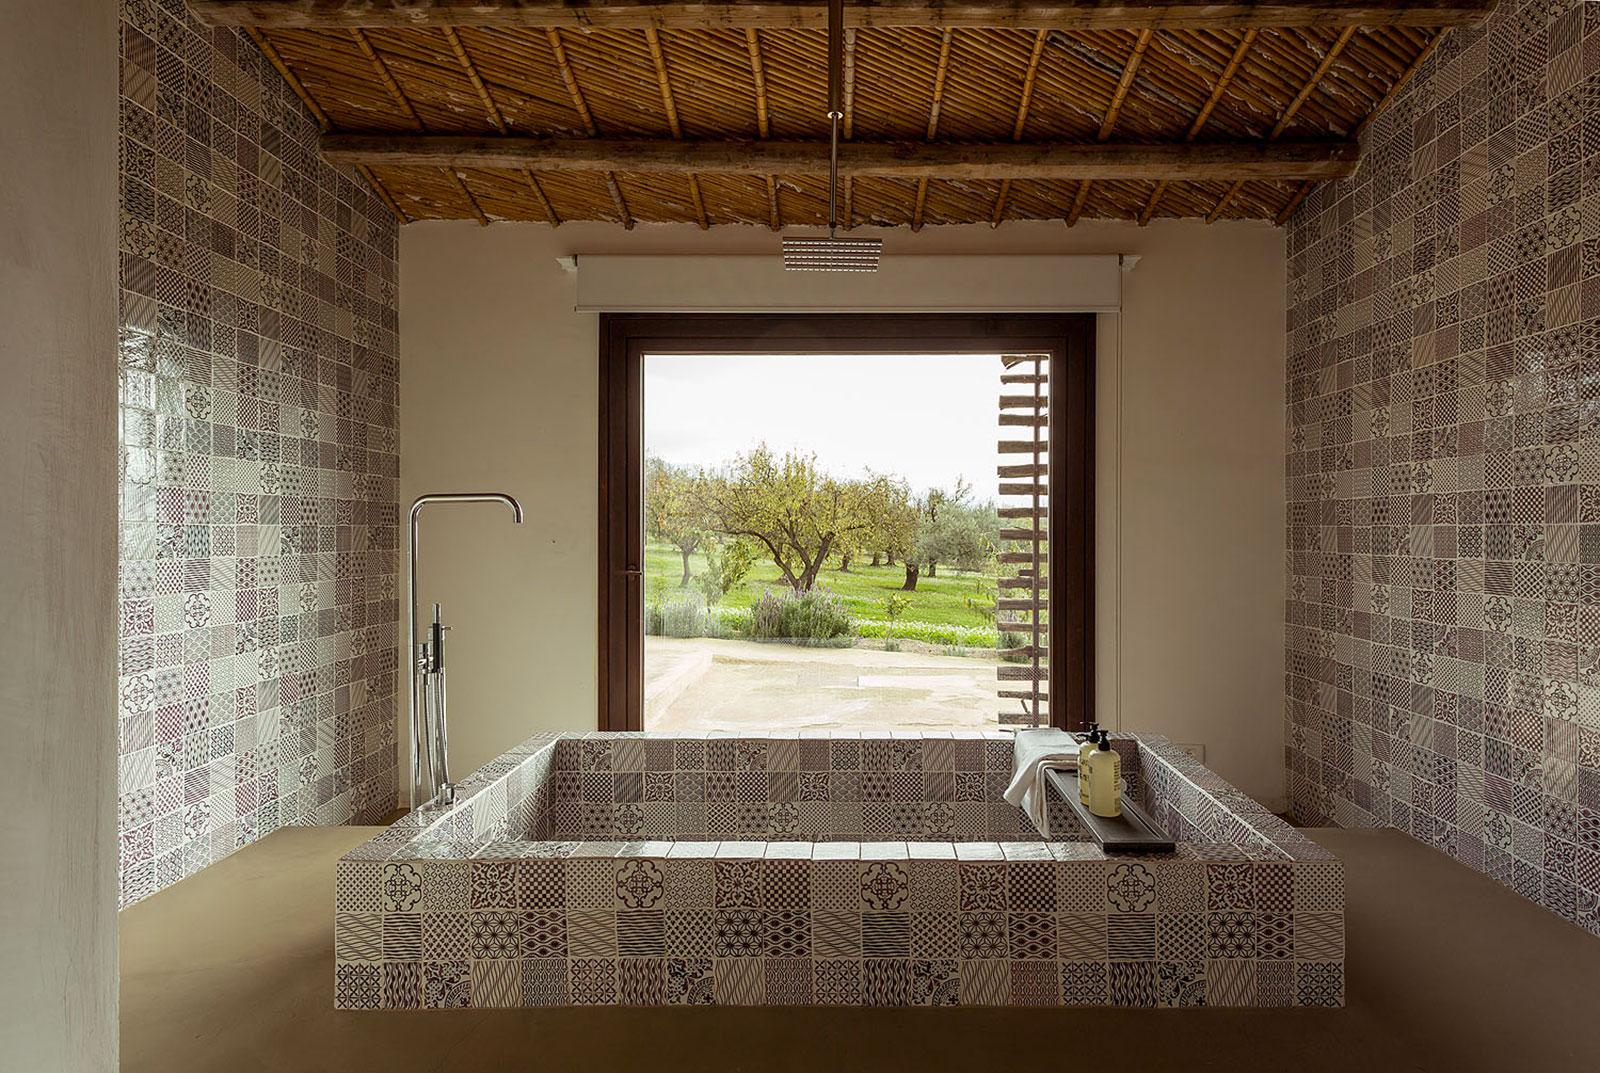 Lavoro A Chiaramonte Gulfi 2017 06 - n-orma private house - chiaramonte gulfi - arch